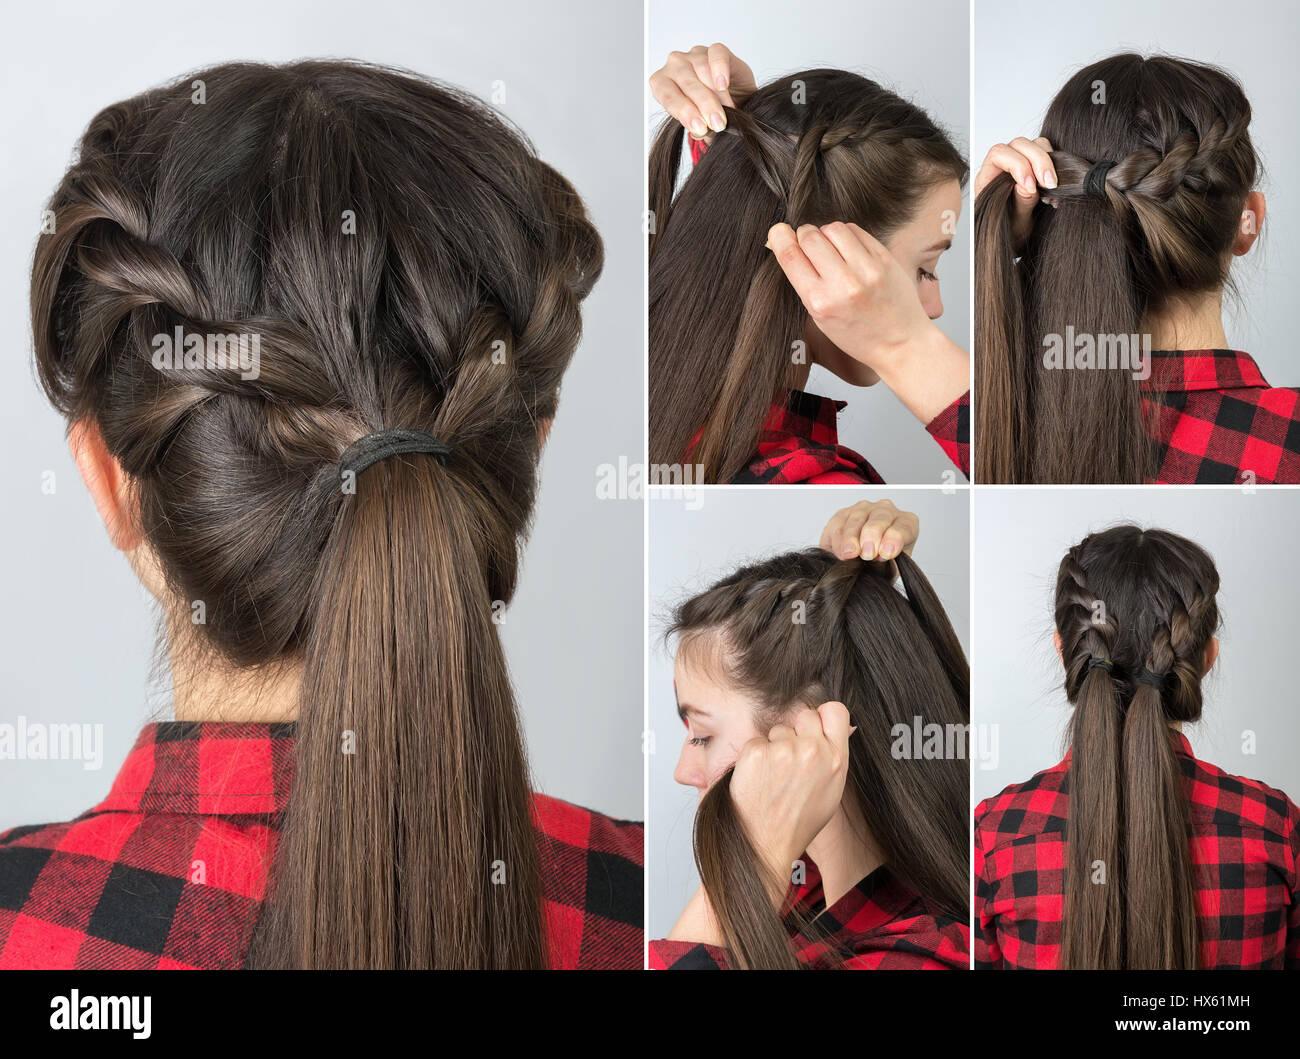 Einfache Verdrehte Frisur Tutorial Schritt Fur Schritt Einfache